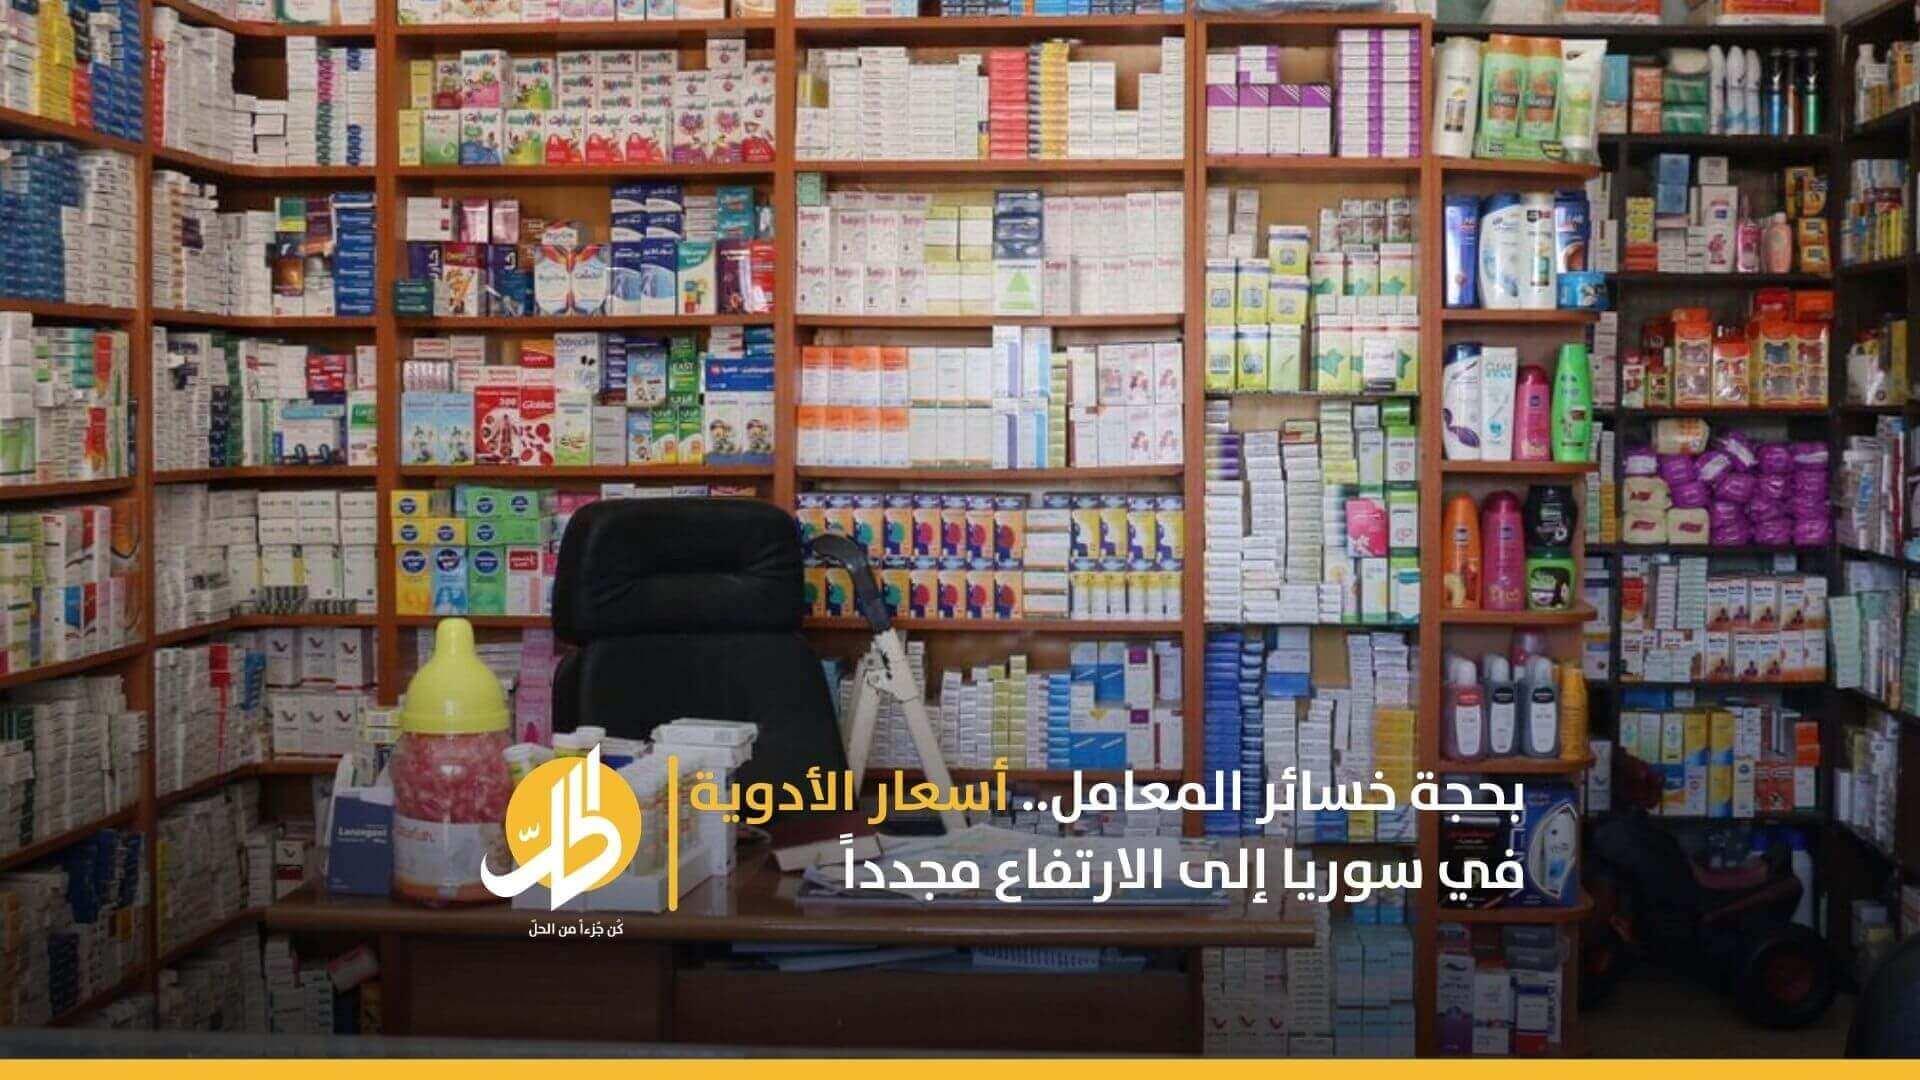 بحجة خسائر المعامل.. أسعار الأدوية في سوريا إلى الارتفاع مجدداً